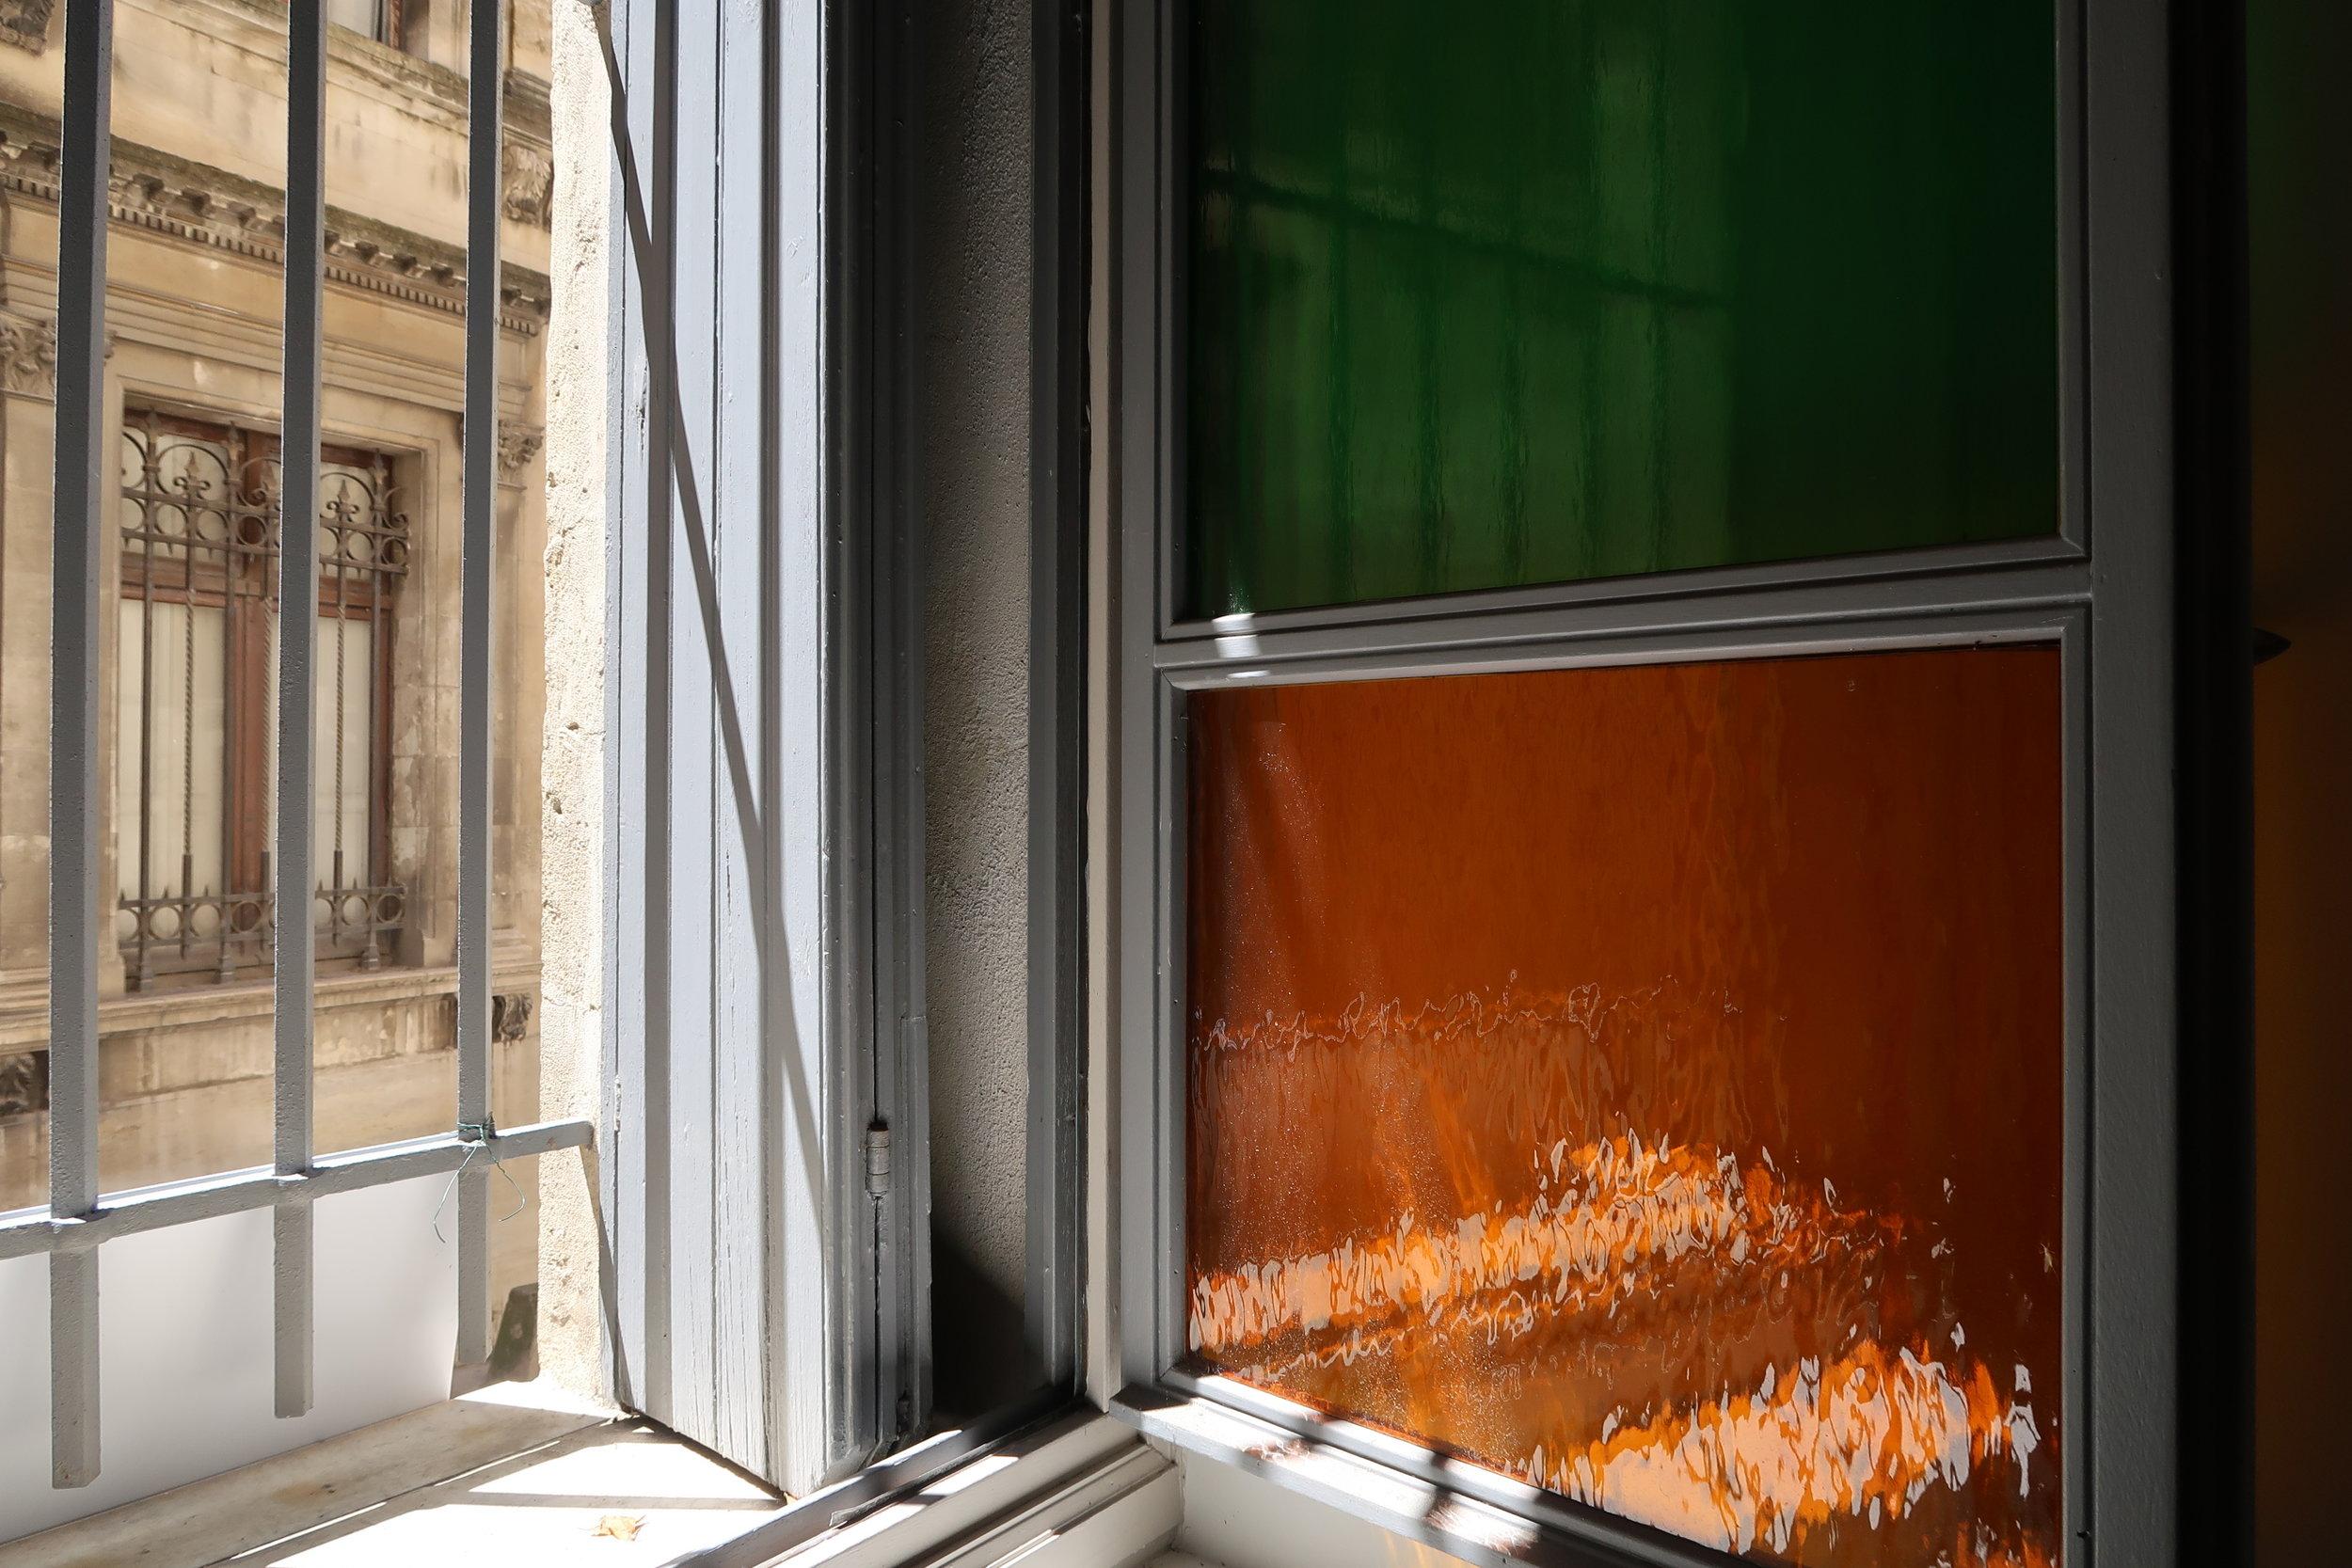 - Arles in a few words: My Arles!Zhen Shi, artist